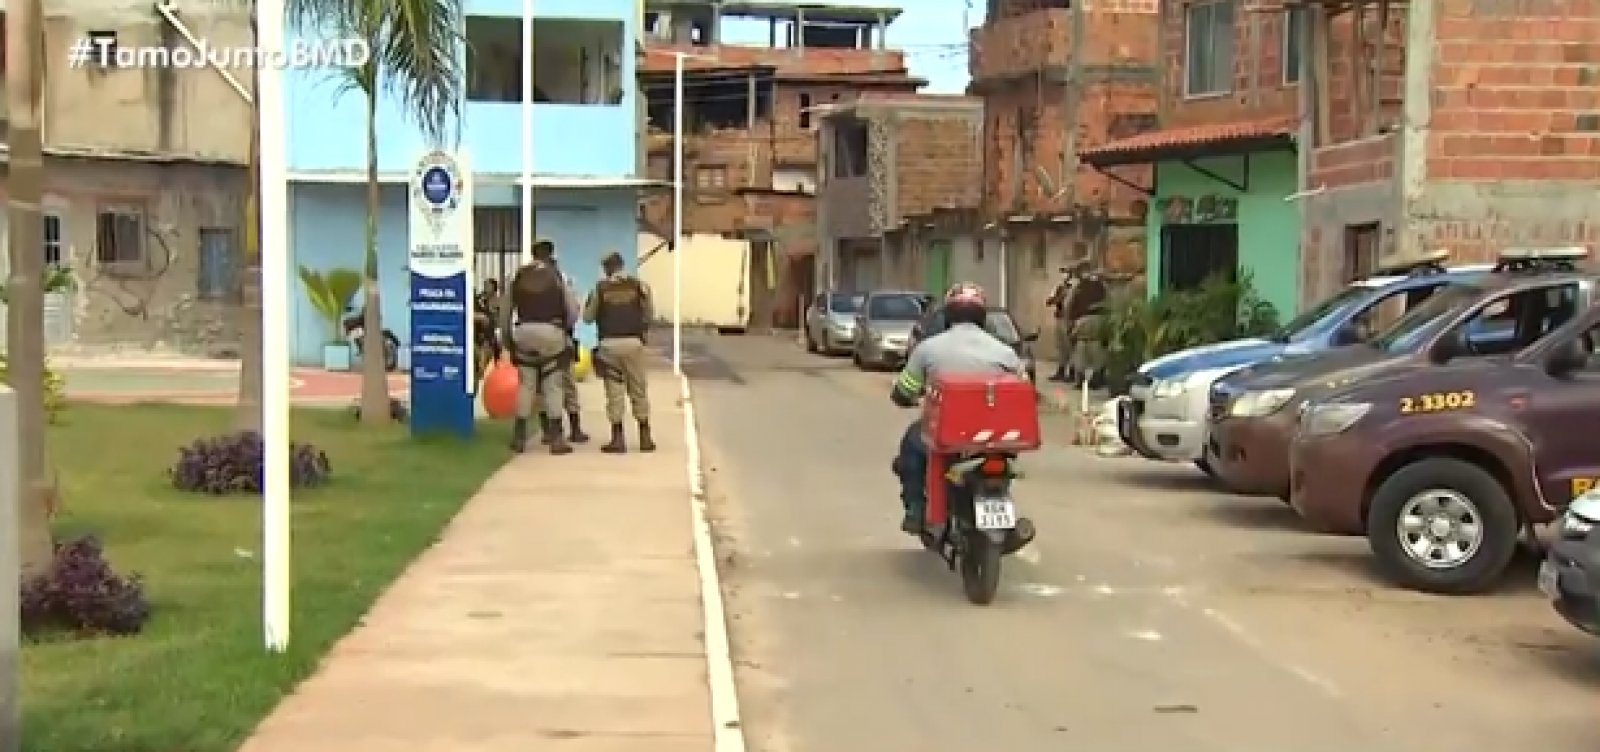 [Após tiroteio no local, testes rápidos são suspensos no bairro de Saramandaia]